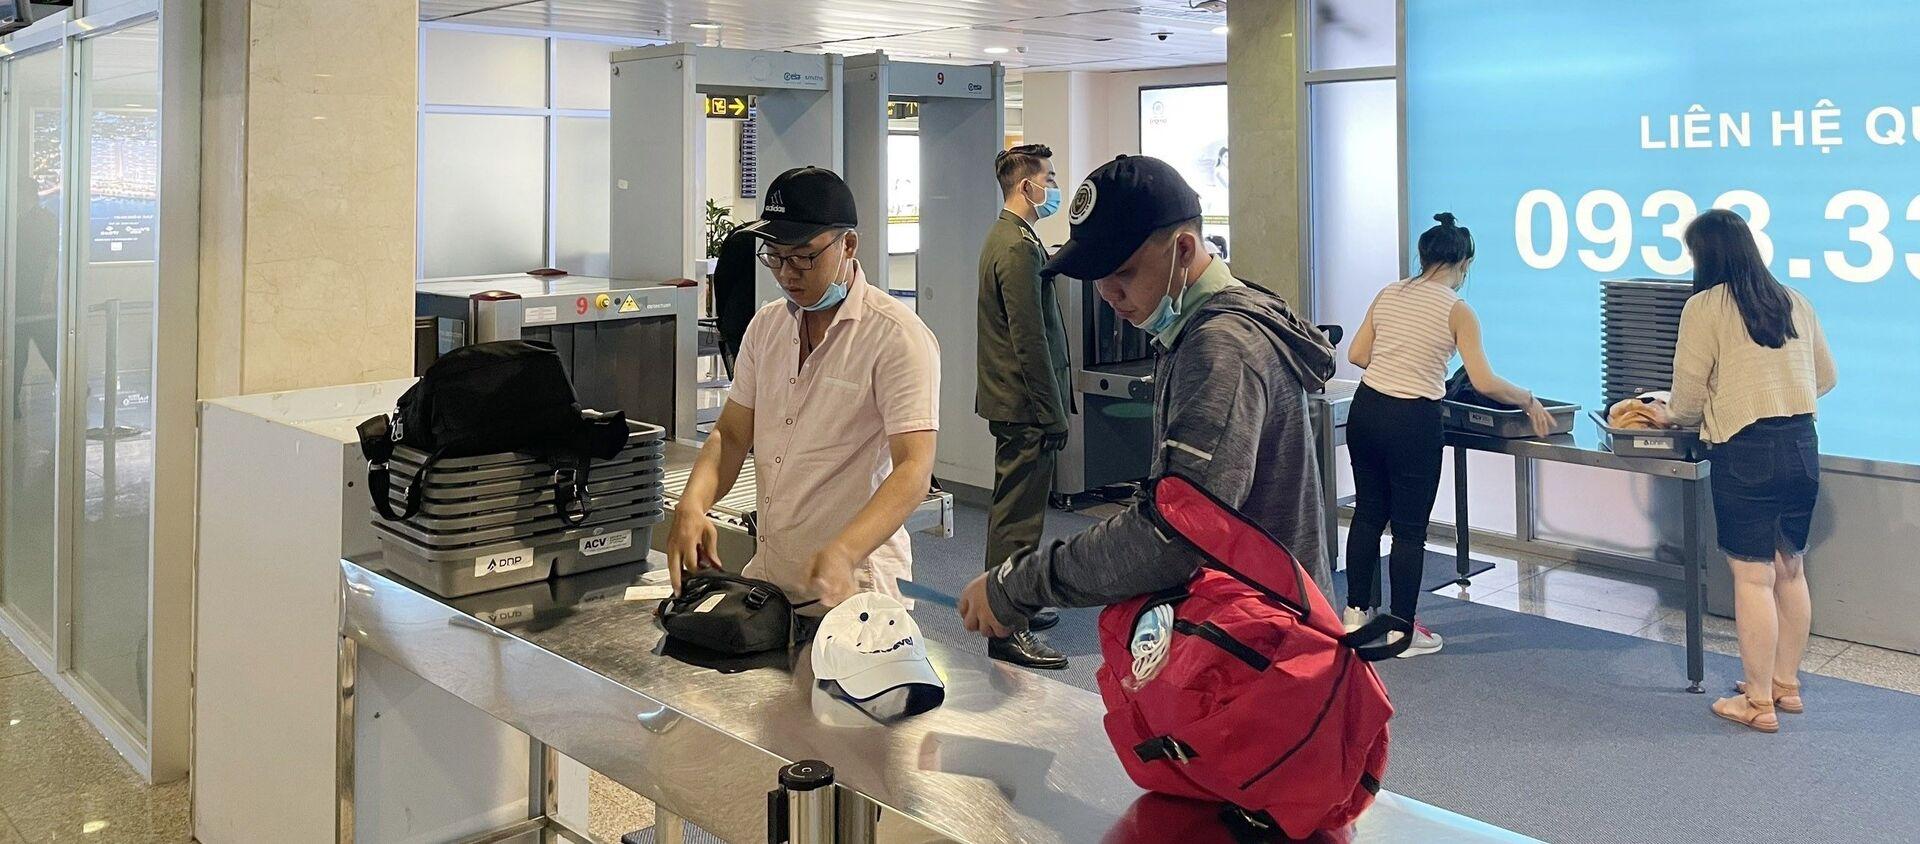 Hành khách thực hiện thủ tục soi chiếu an ninh tại các máy mới được lắp đặt bổ sung. - Sputnik Việt Nam, 1920, 05.06.2021